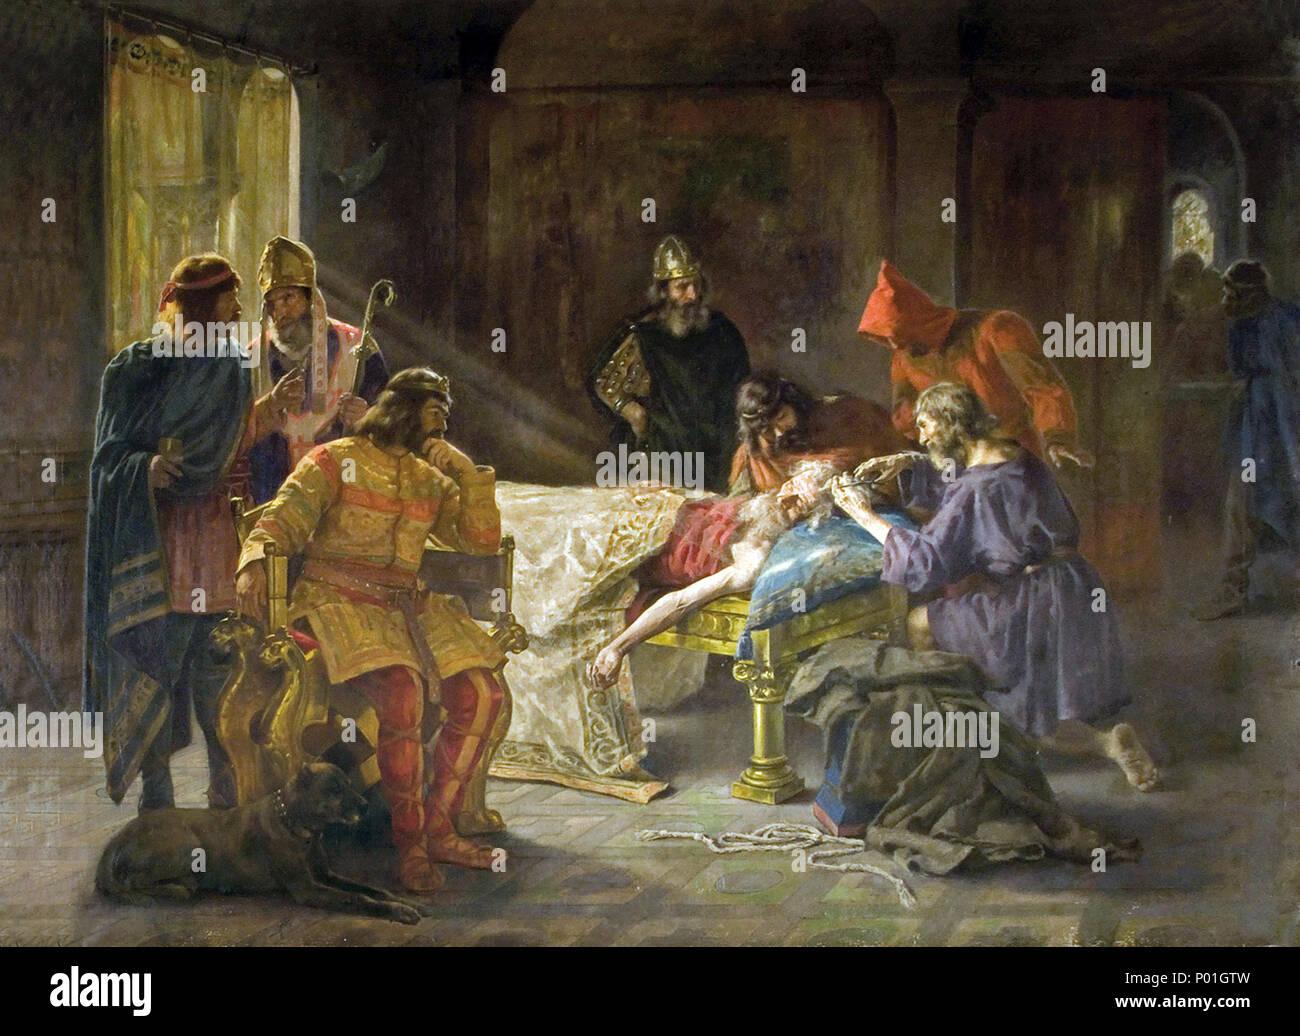 . Català: la tonsura del rei Wamba . Català: la tonsura del rei Wamba . (1894 c.) 2 la tonsura del rei Wamba - Joan Brull i Vinyoles (1863-1912) Foto de stock